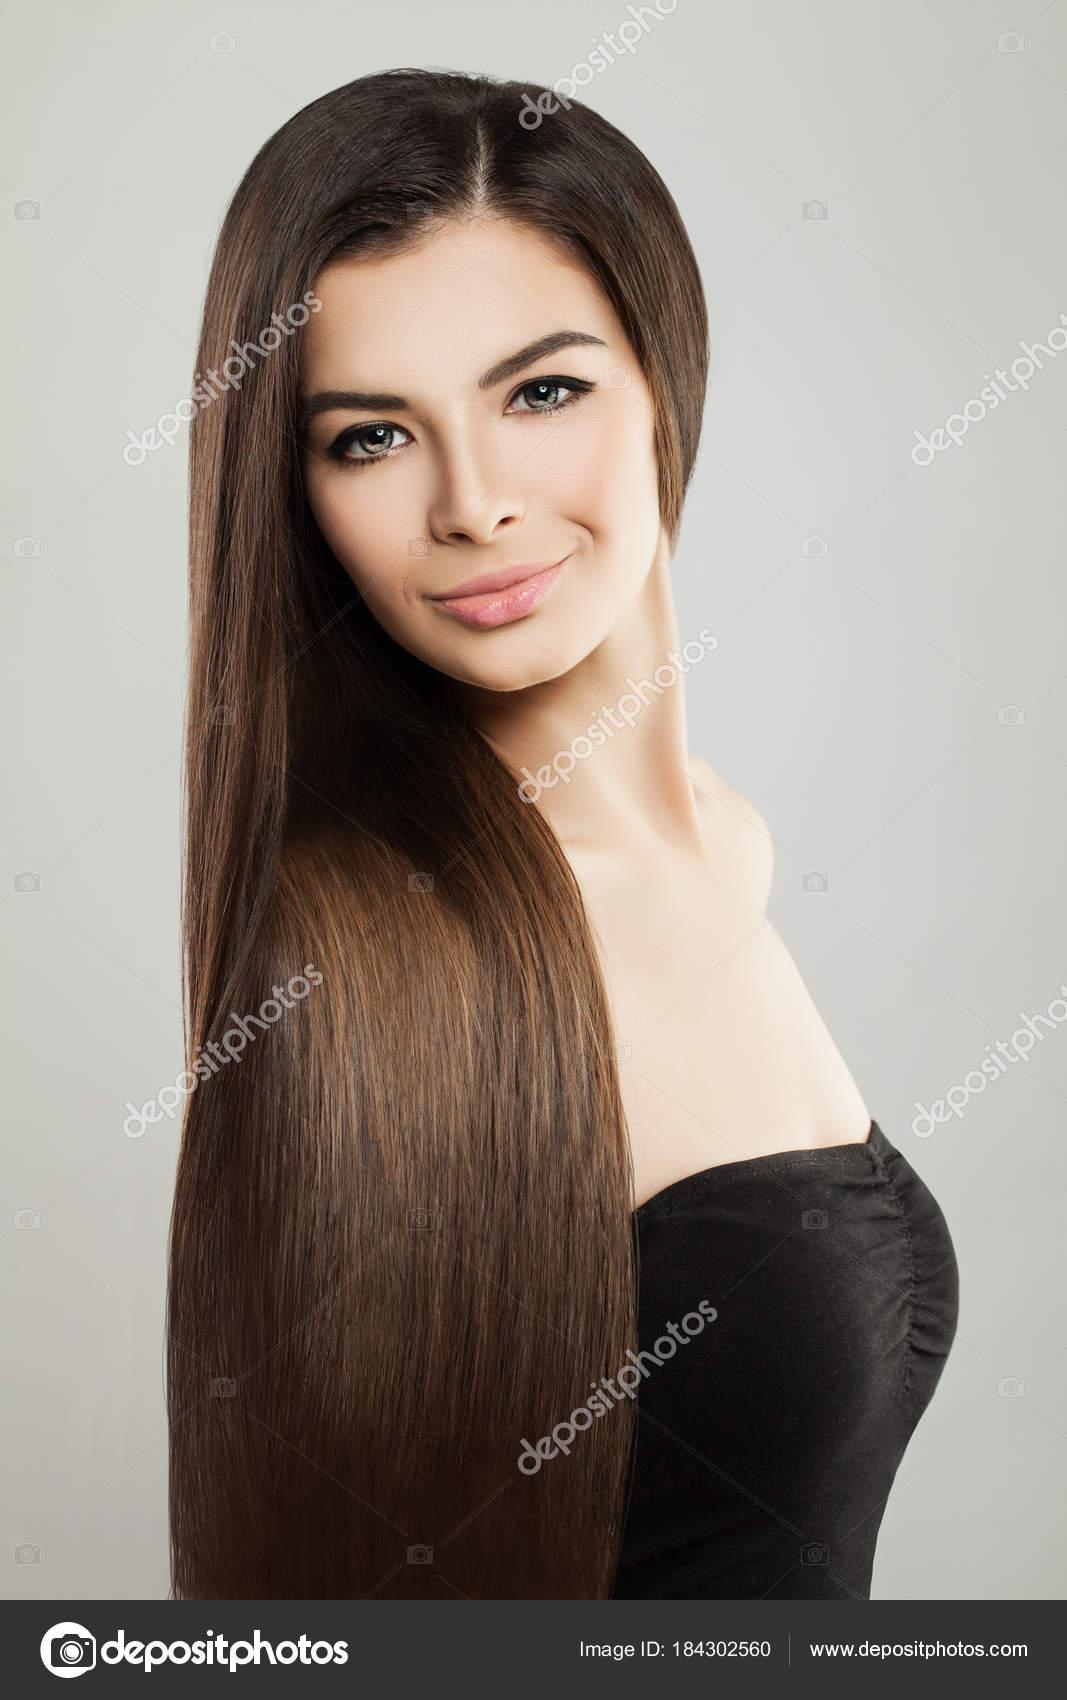 Lange Haare Frau Portrait Haarpflege Konzept Stockfoto